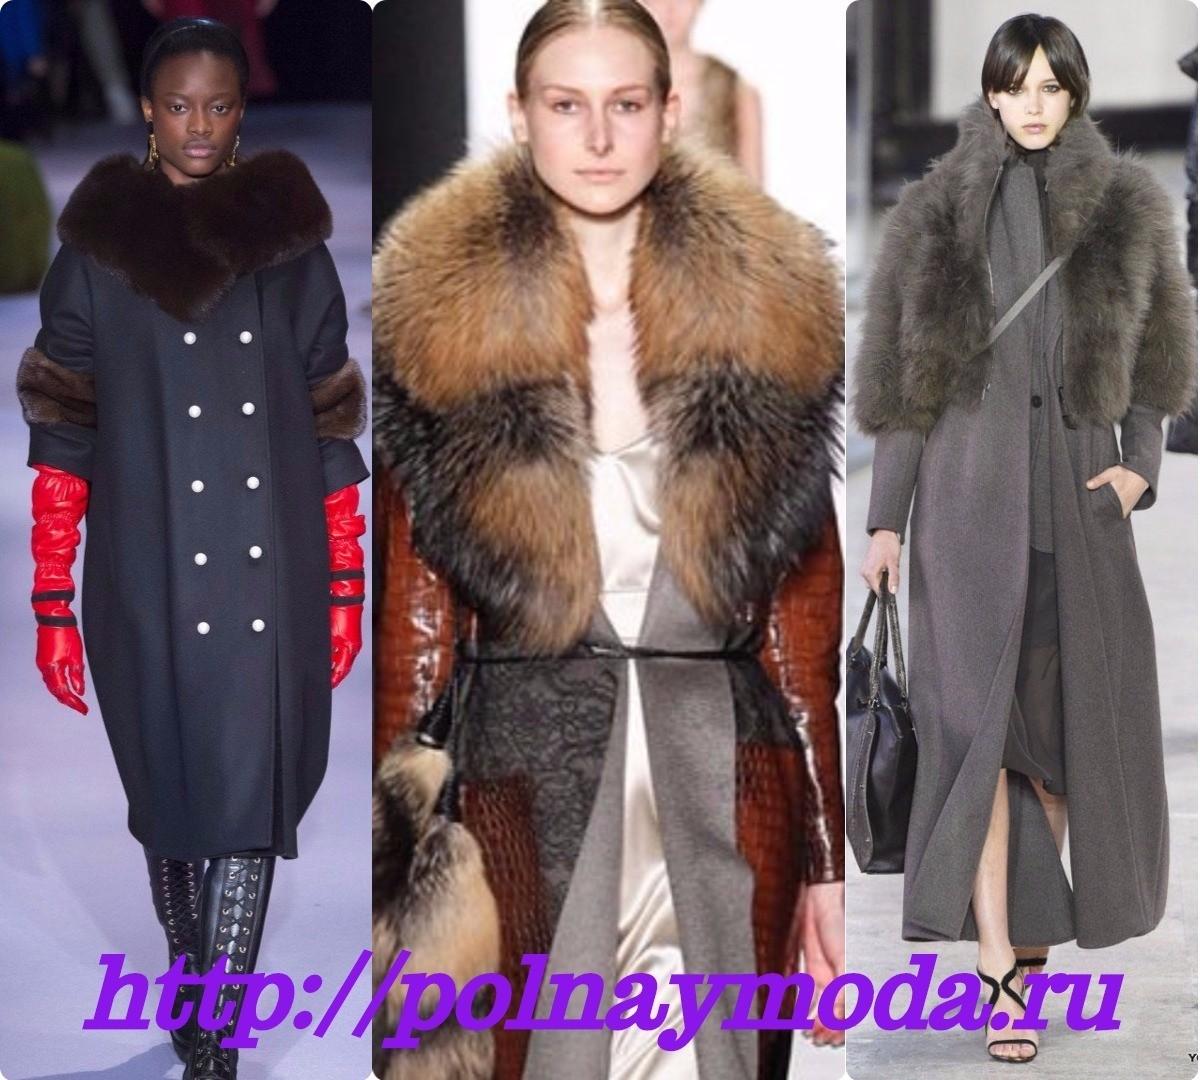 модное пальто для зимы с воротником, меховая отделка модная,